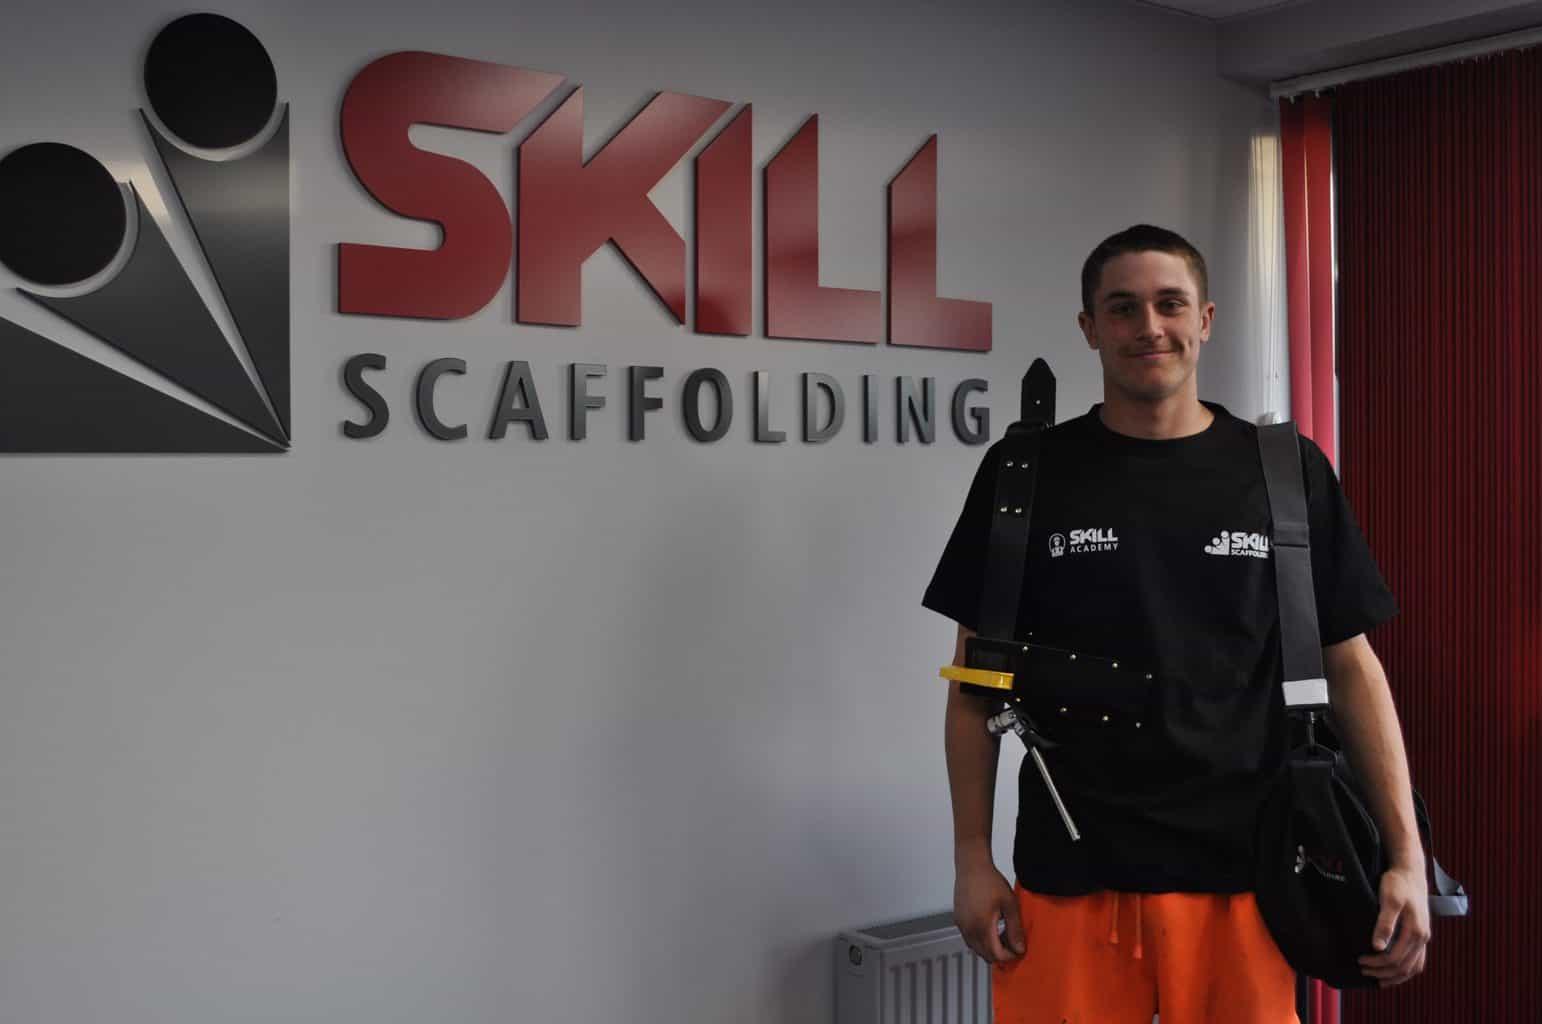 Skill Scaffolding skill academy